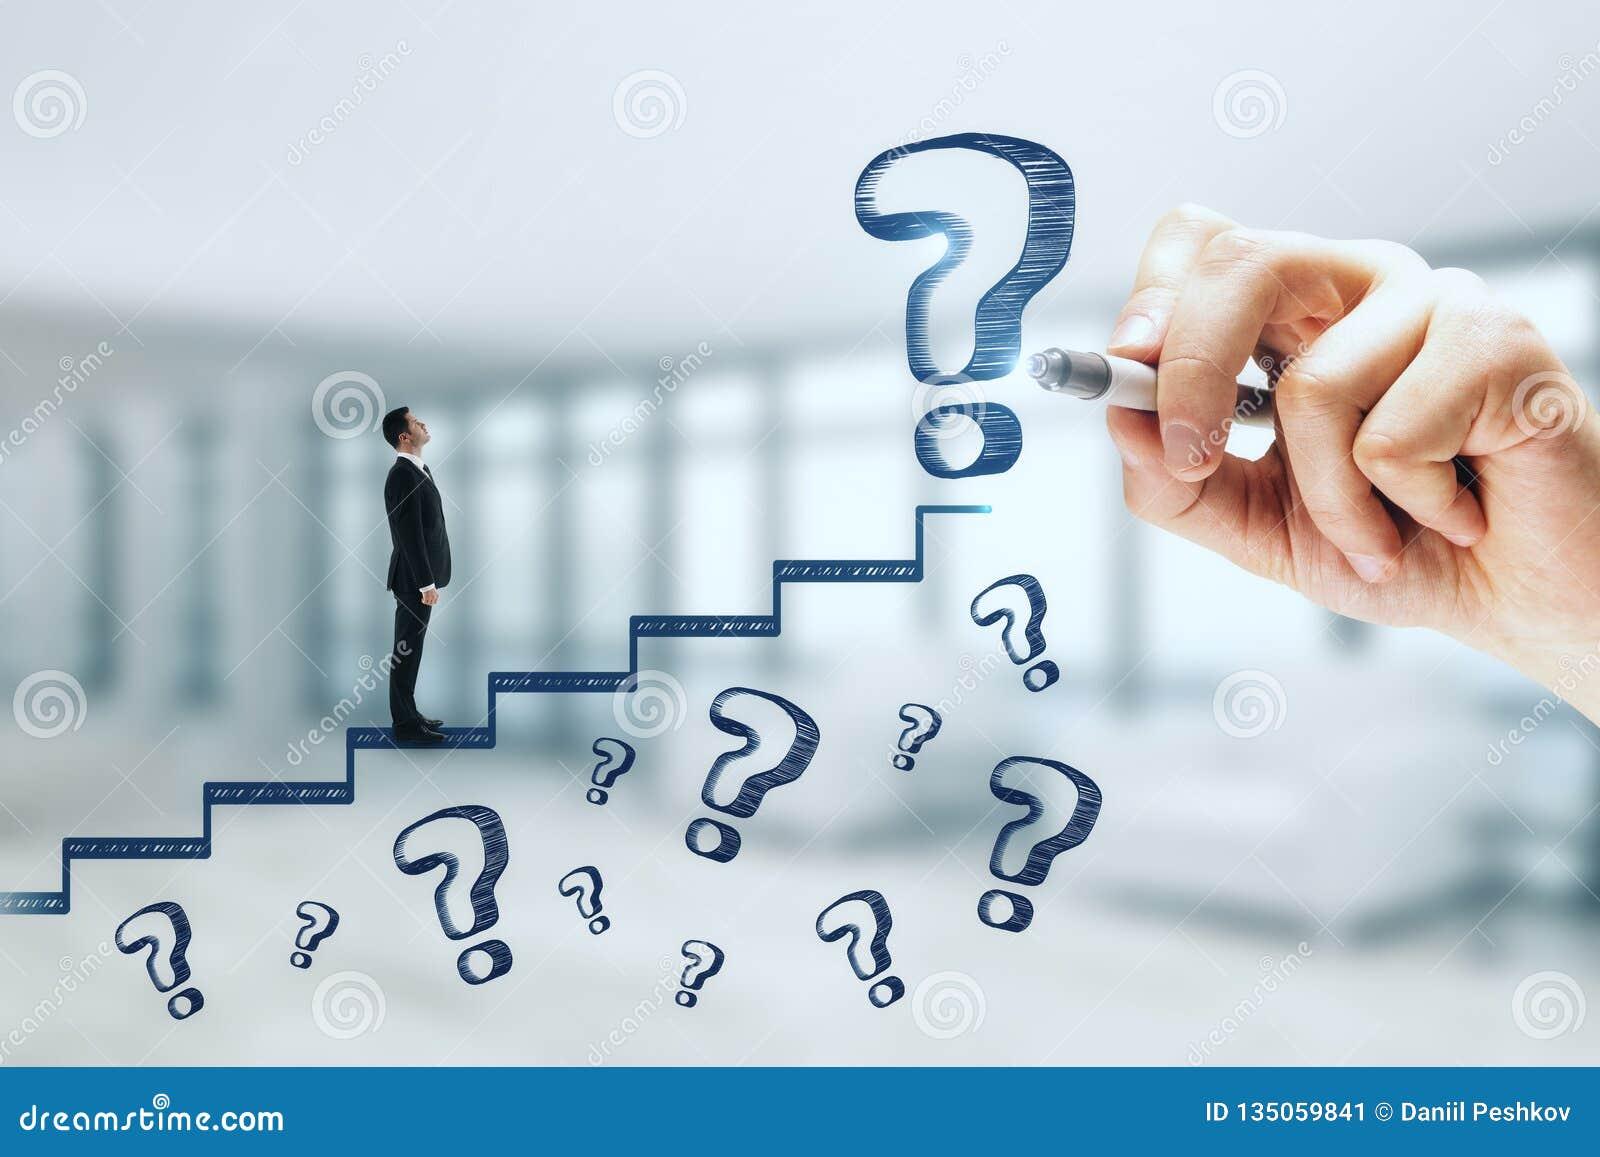 Продвижение карьеры и концепция сомнения